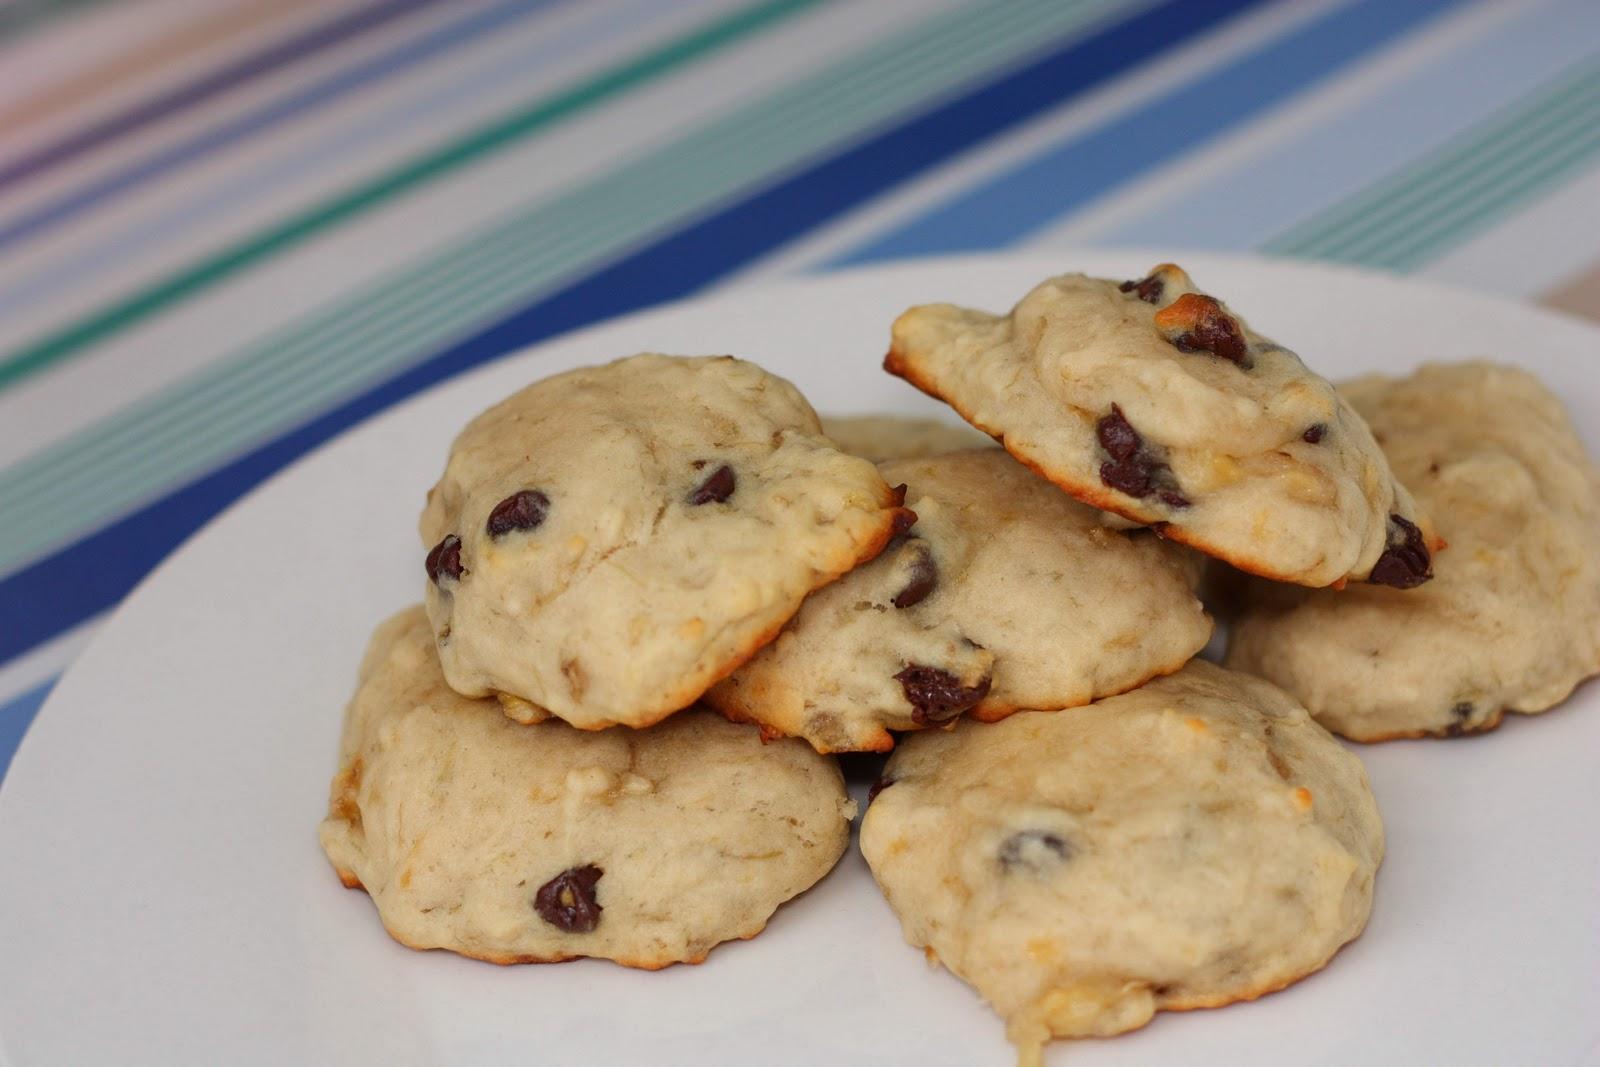 Banana Chocolate Chip Cookies - The Viet Vegan